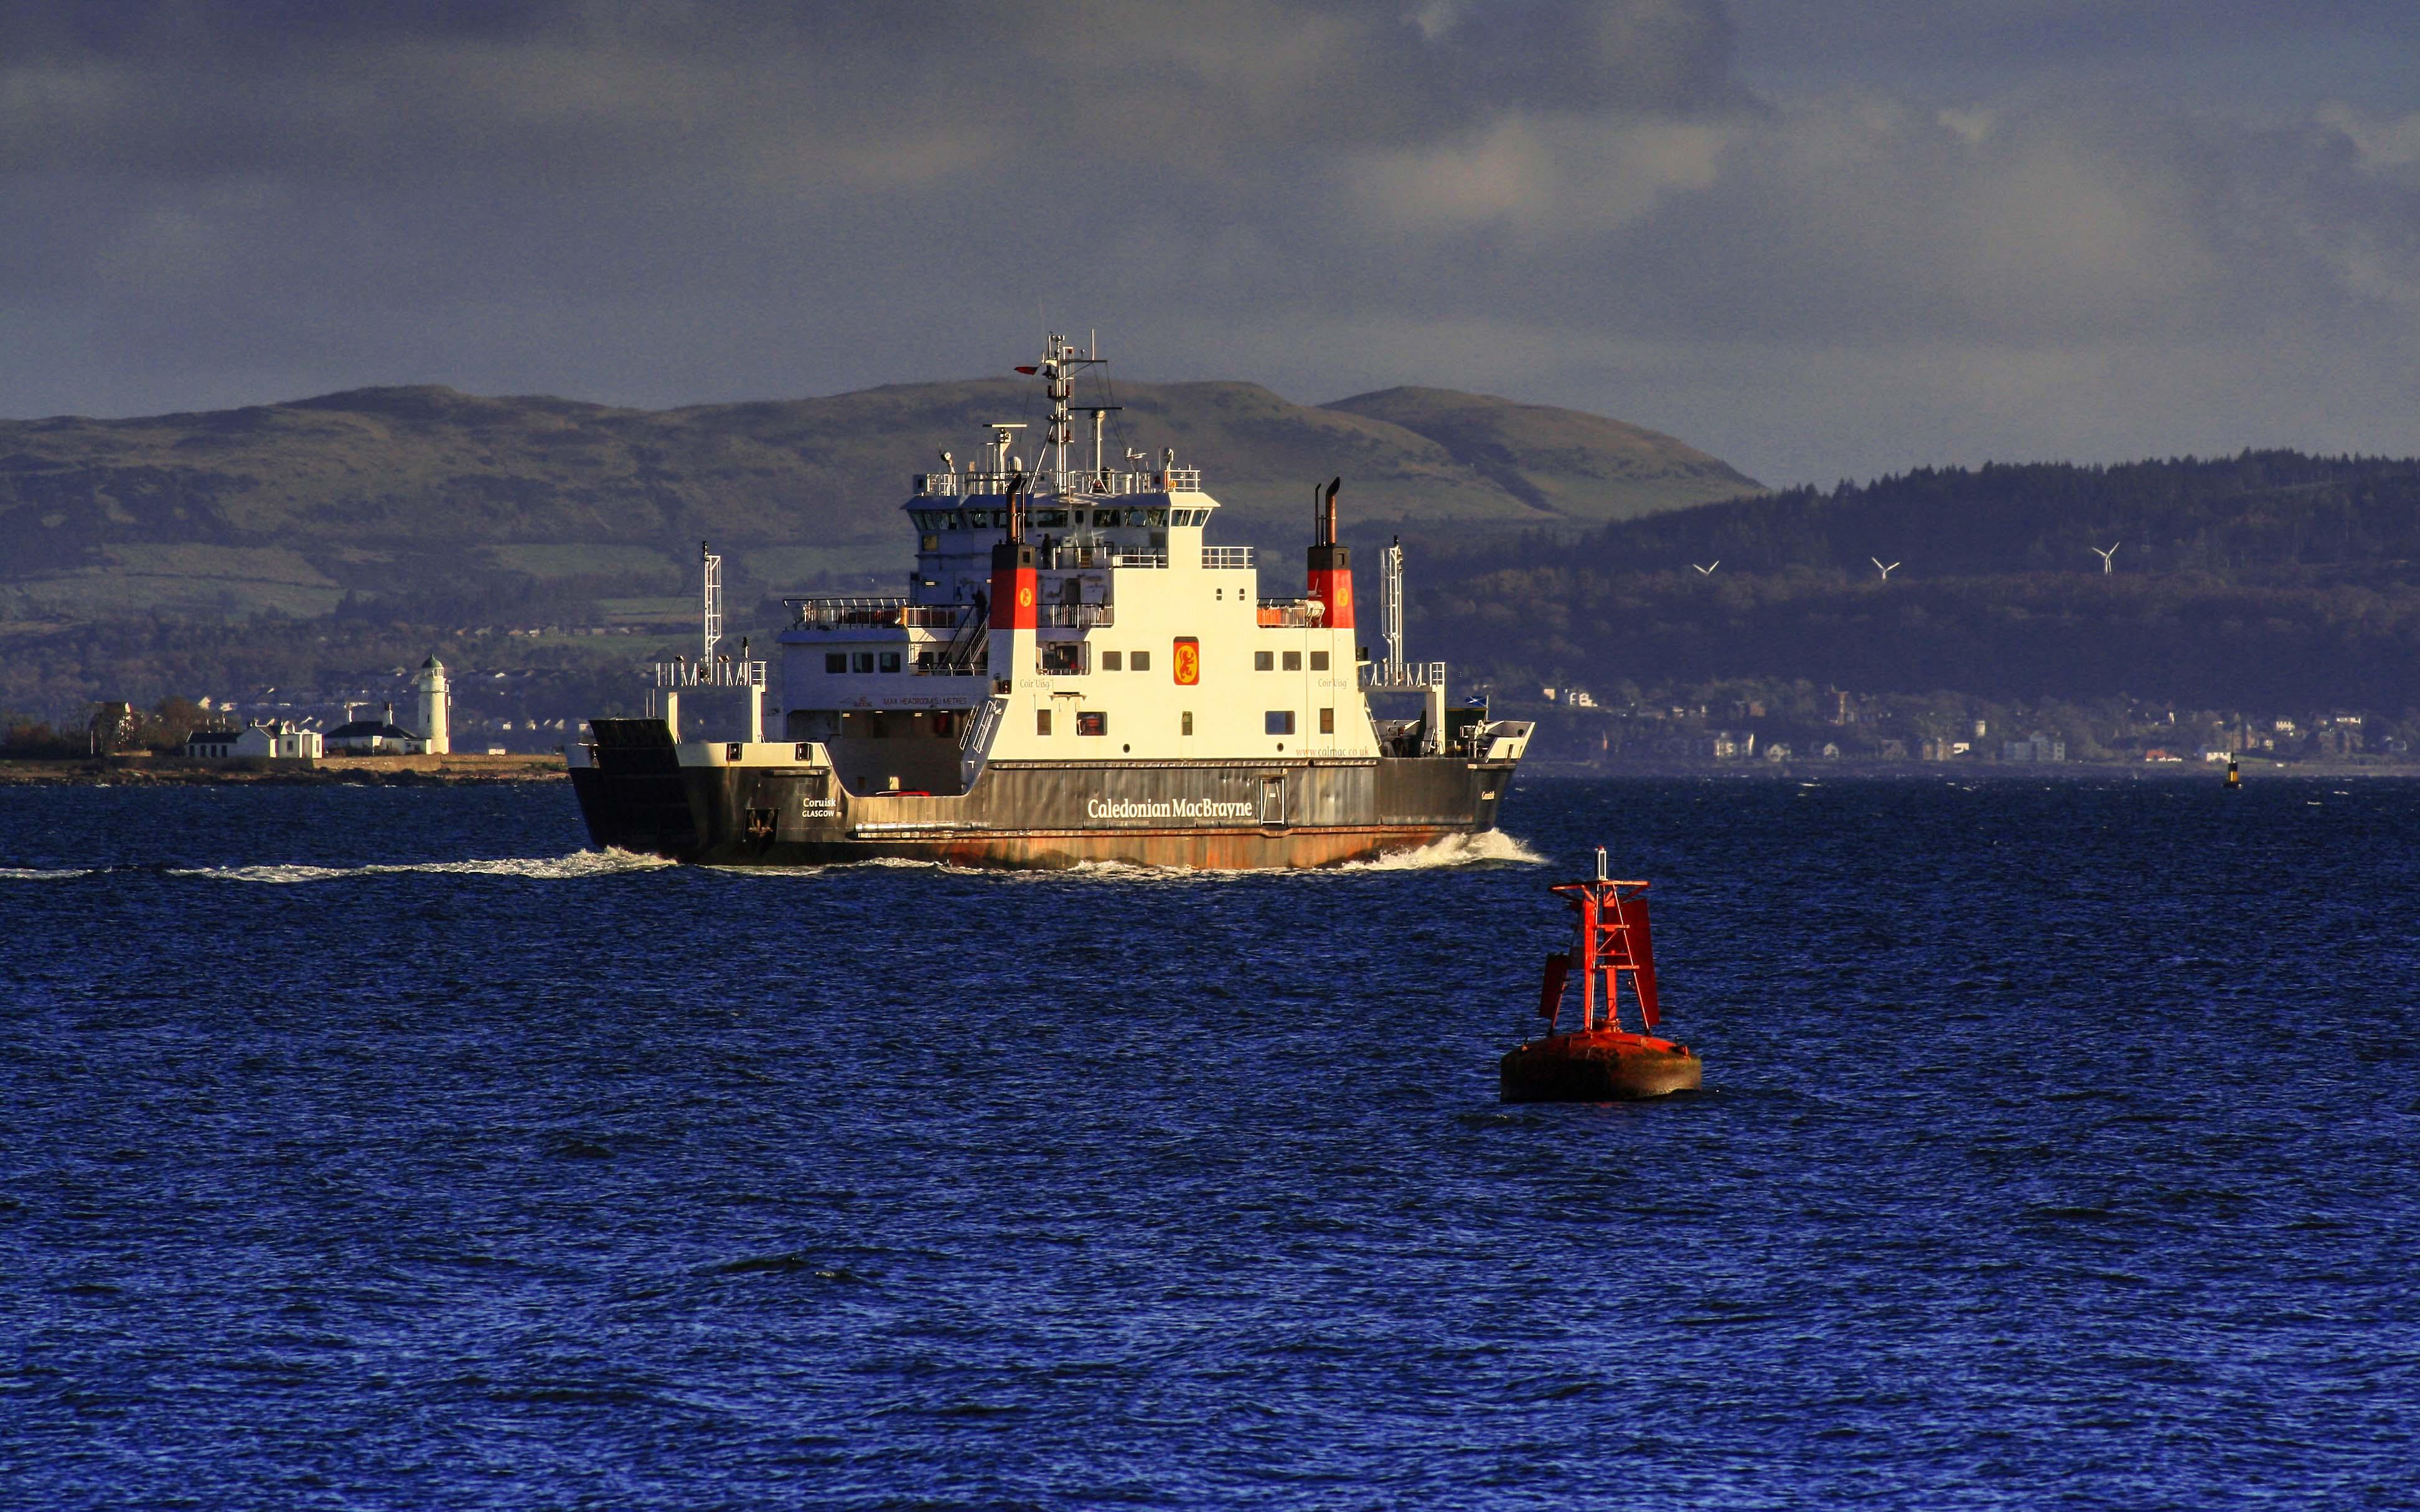 Coruisk on winter relief duty (Ships of CalMac)